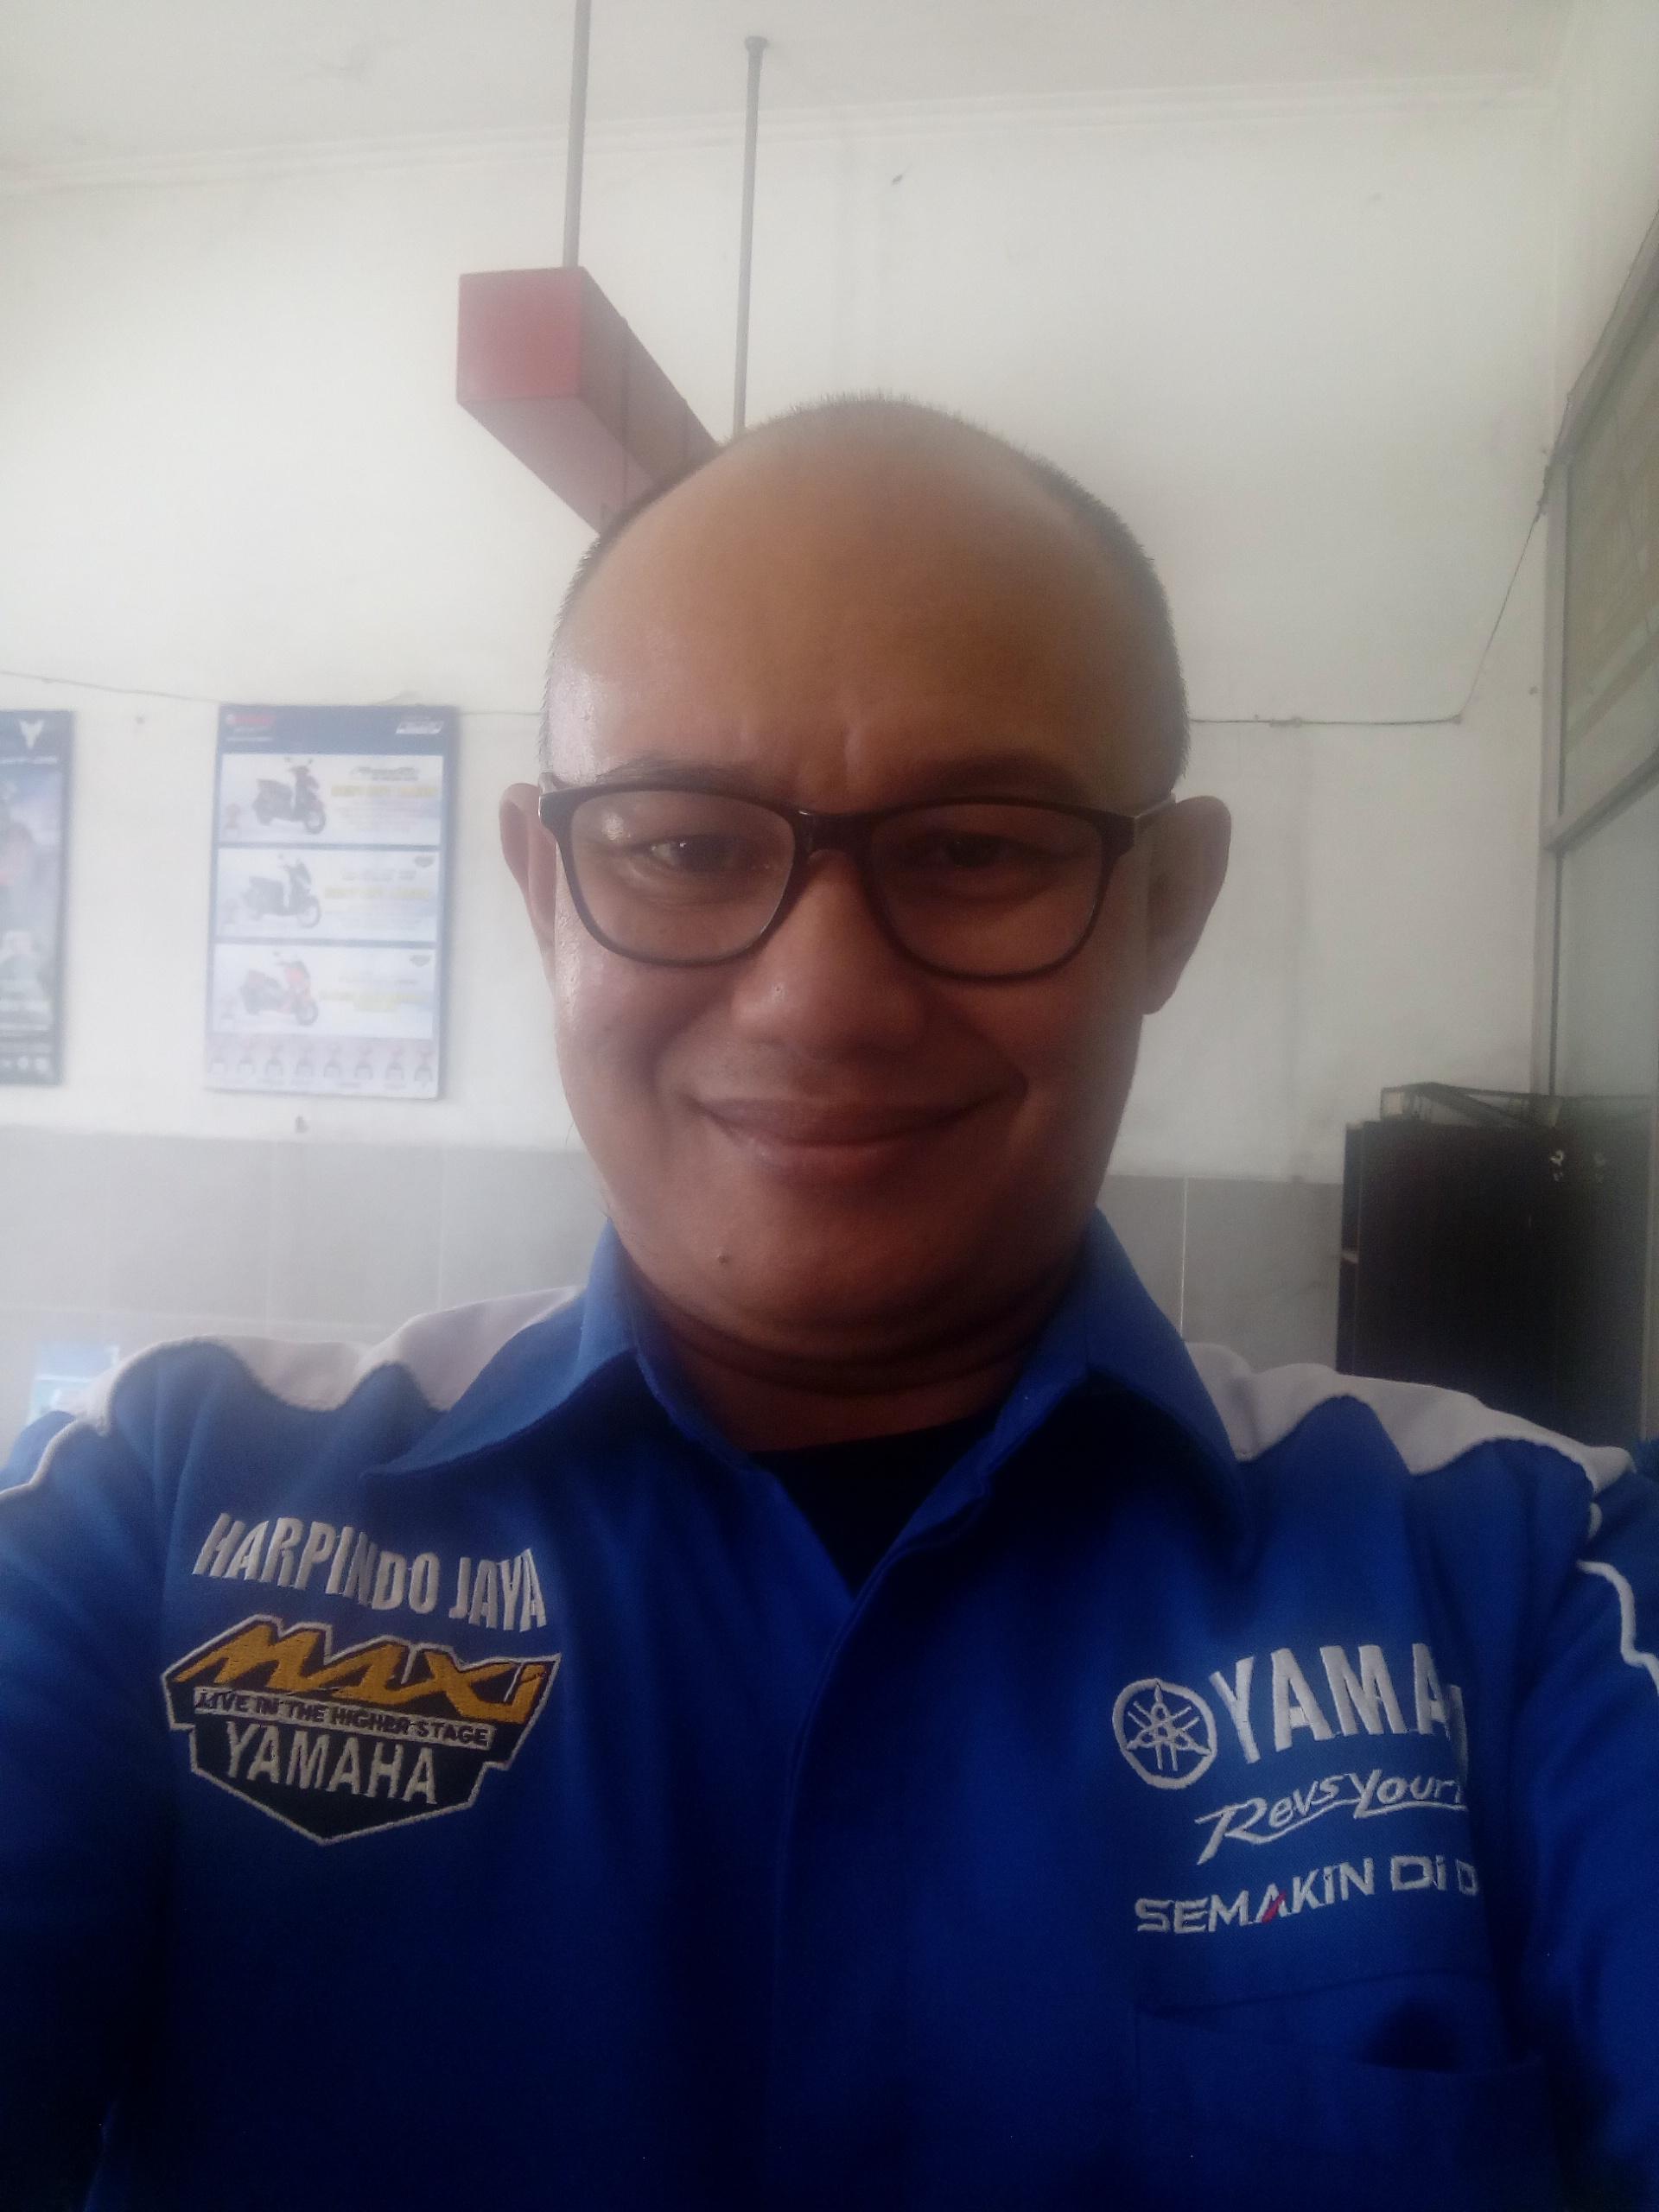 Harpindo jaya Gombong